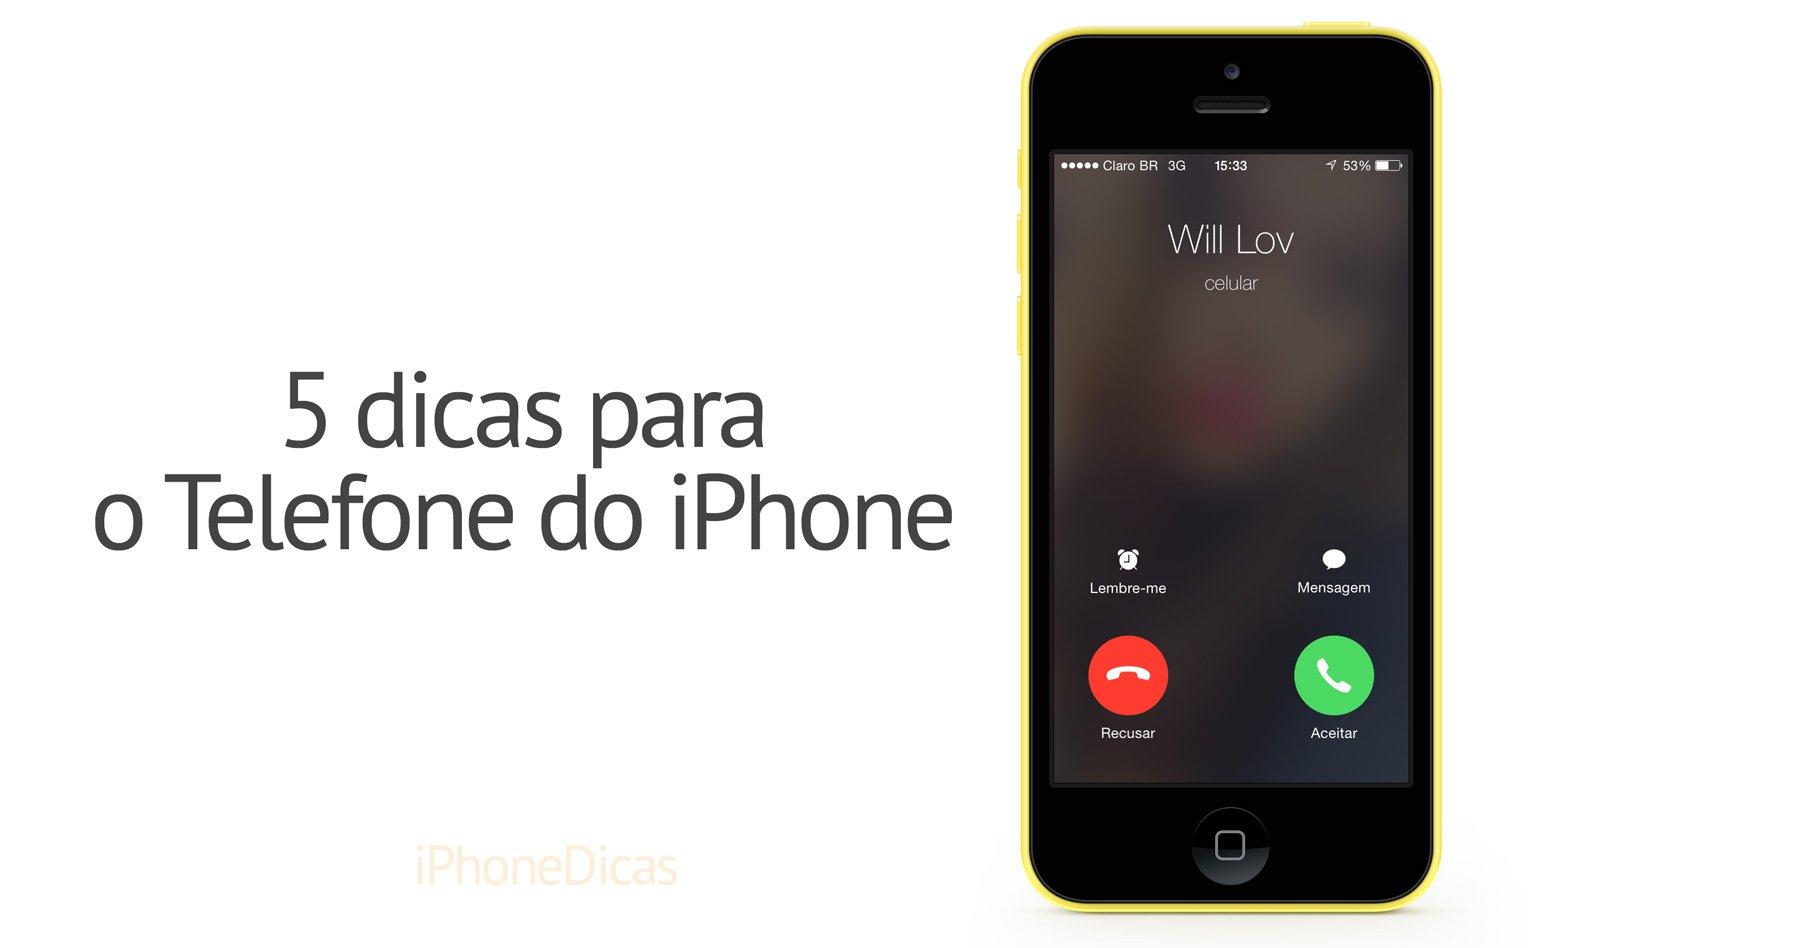 Dicas para o telefone do iPhone